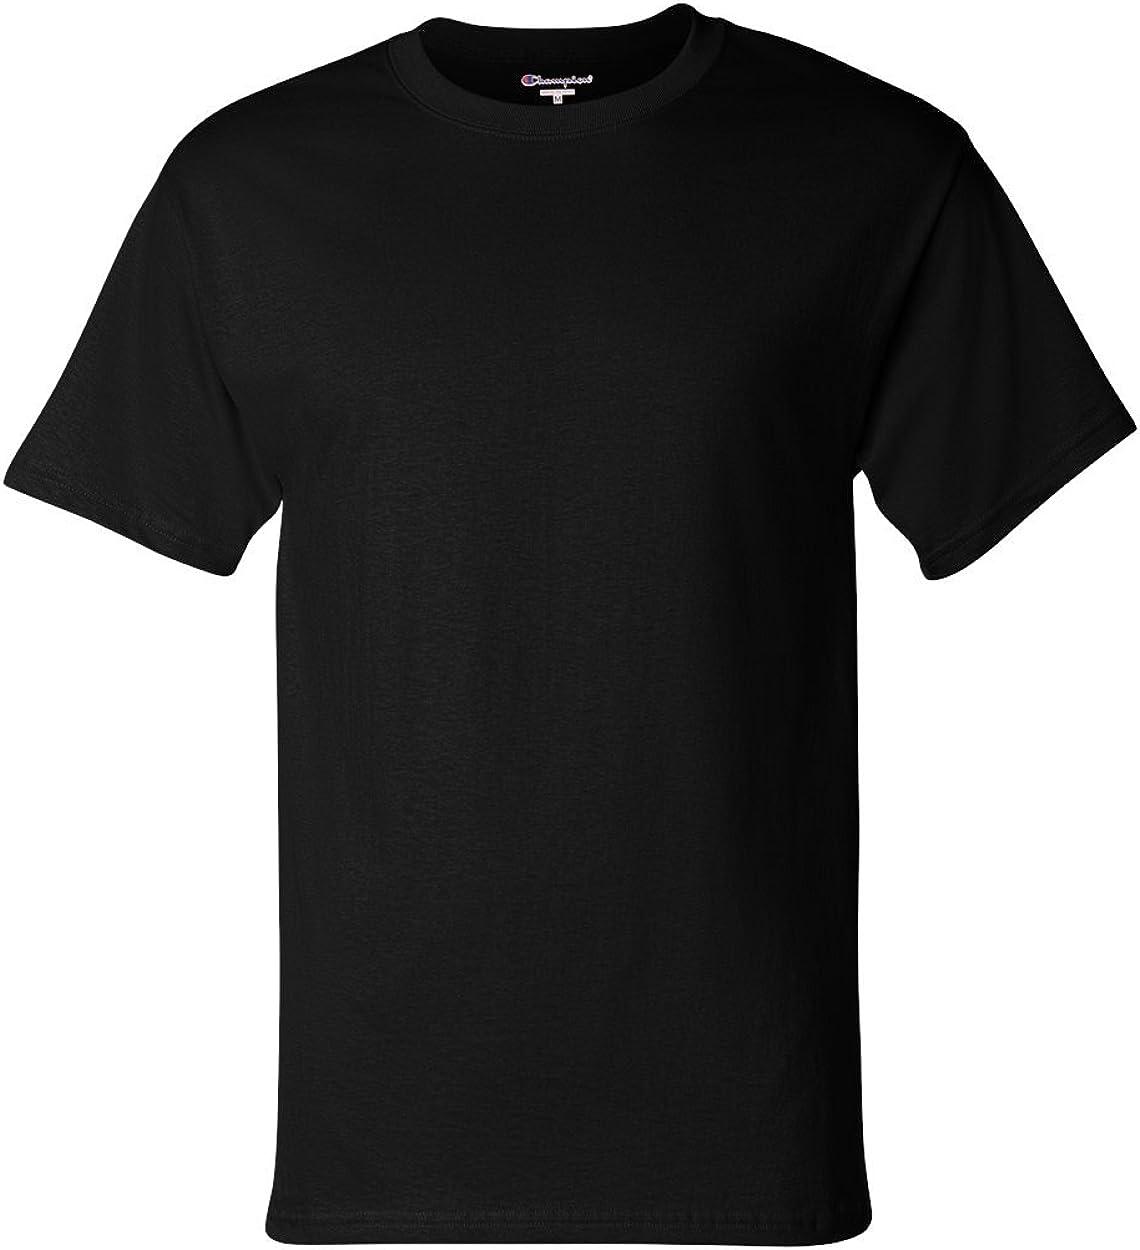 Champion 61 oz Tagless T-Shirt T525C